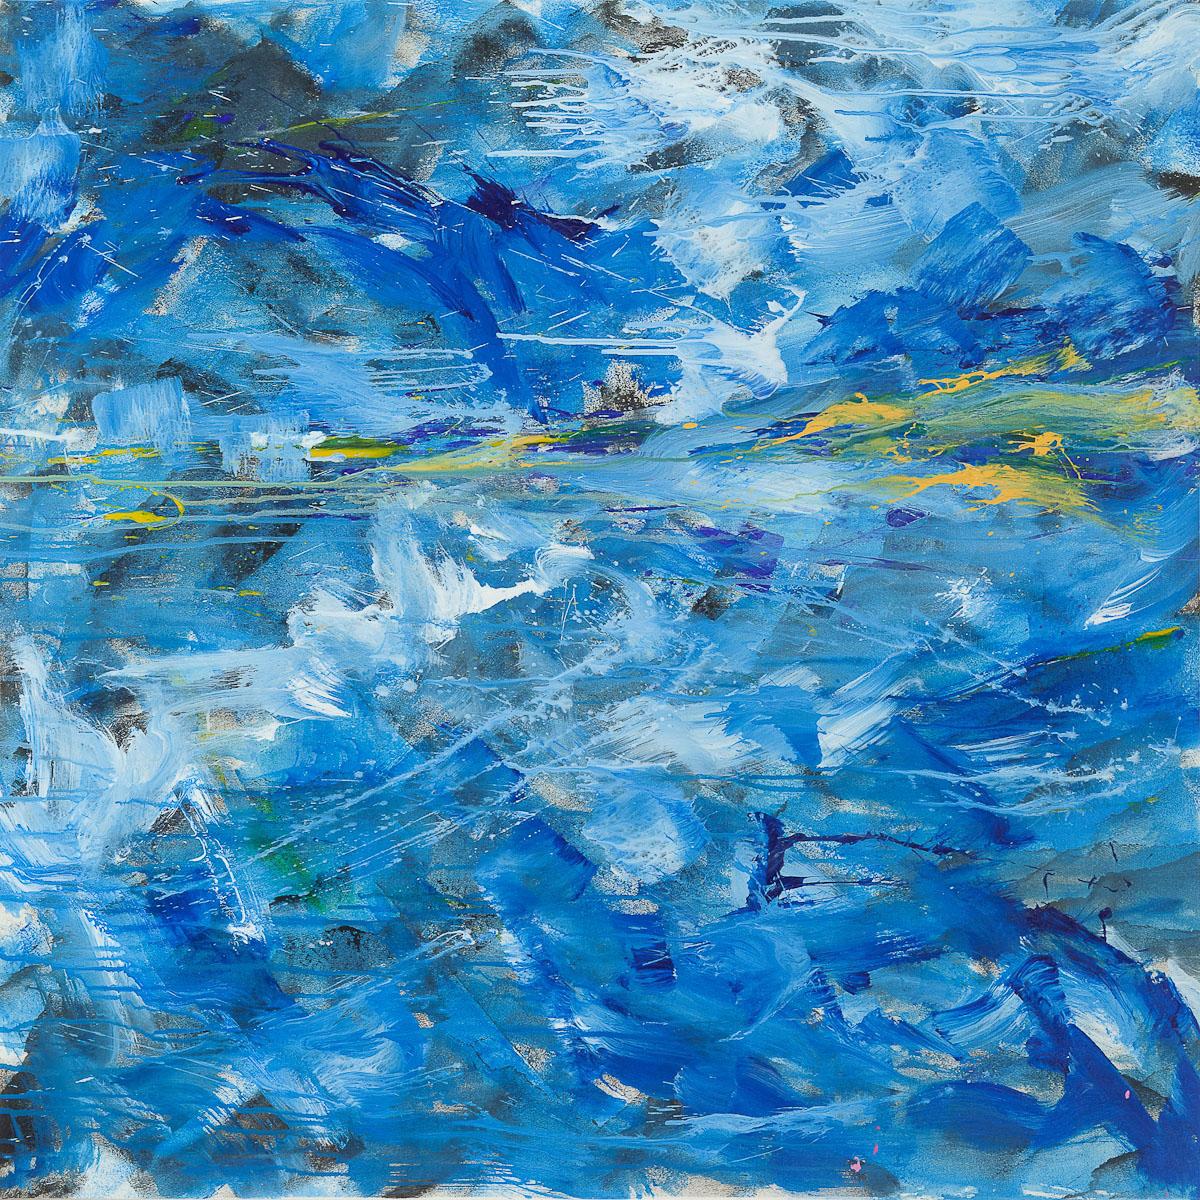 Prosegue il percorso dell'artista padovana Carla Rigato nel Metamorfismo